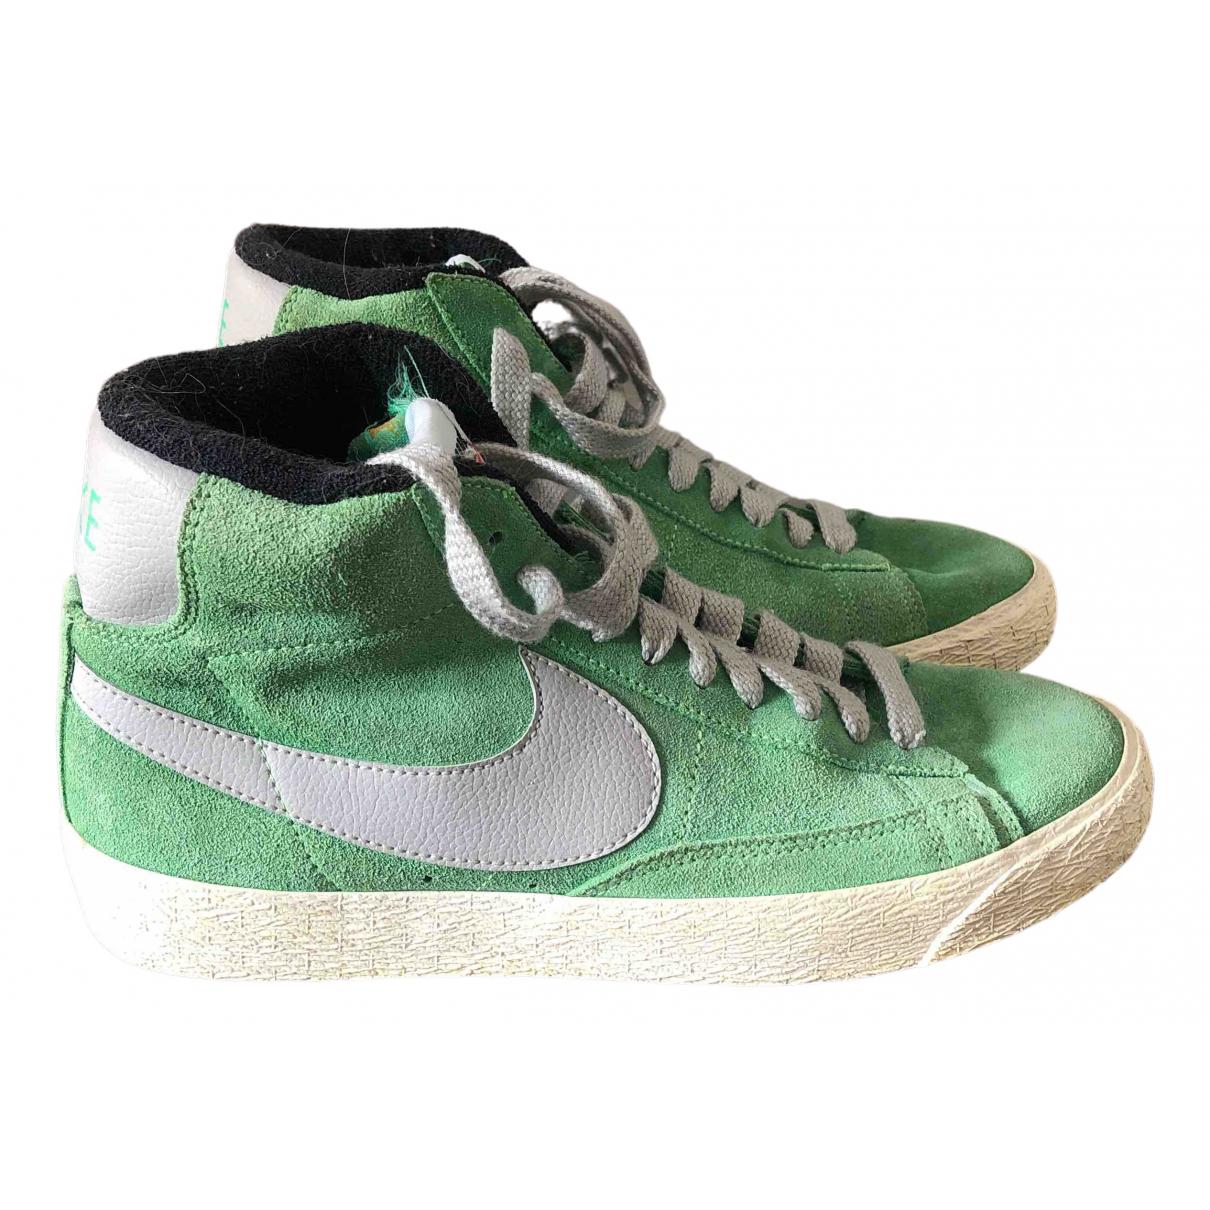 Nike Blazer Green Suede Trainers for Women 40 EU